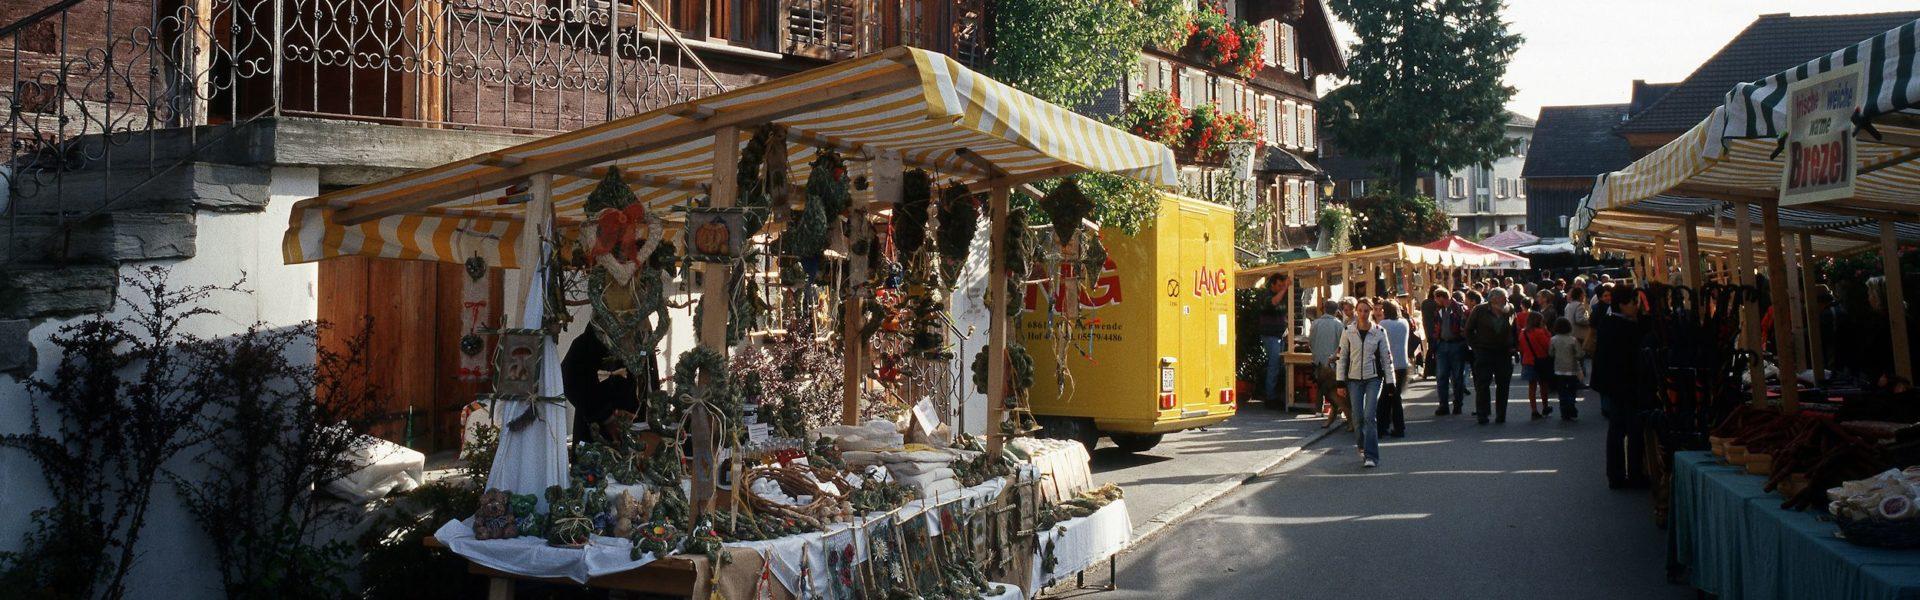 Alptag, Markt mit Käseprämierung, Schwarzenberg, Bregenzerwald, Vorarlberg (c) Christoph Lingg, Bregenzerwald Tourismus